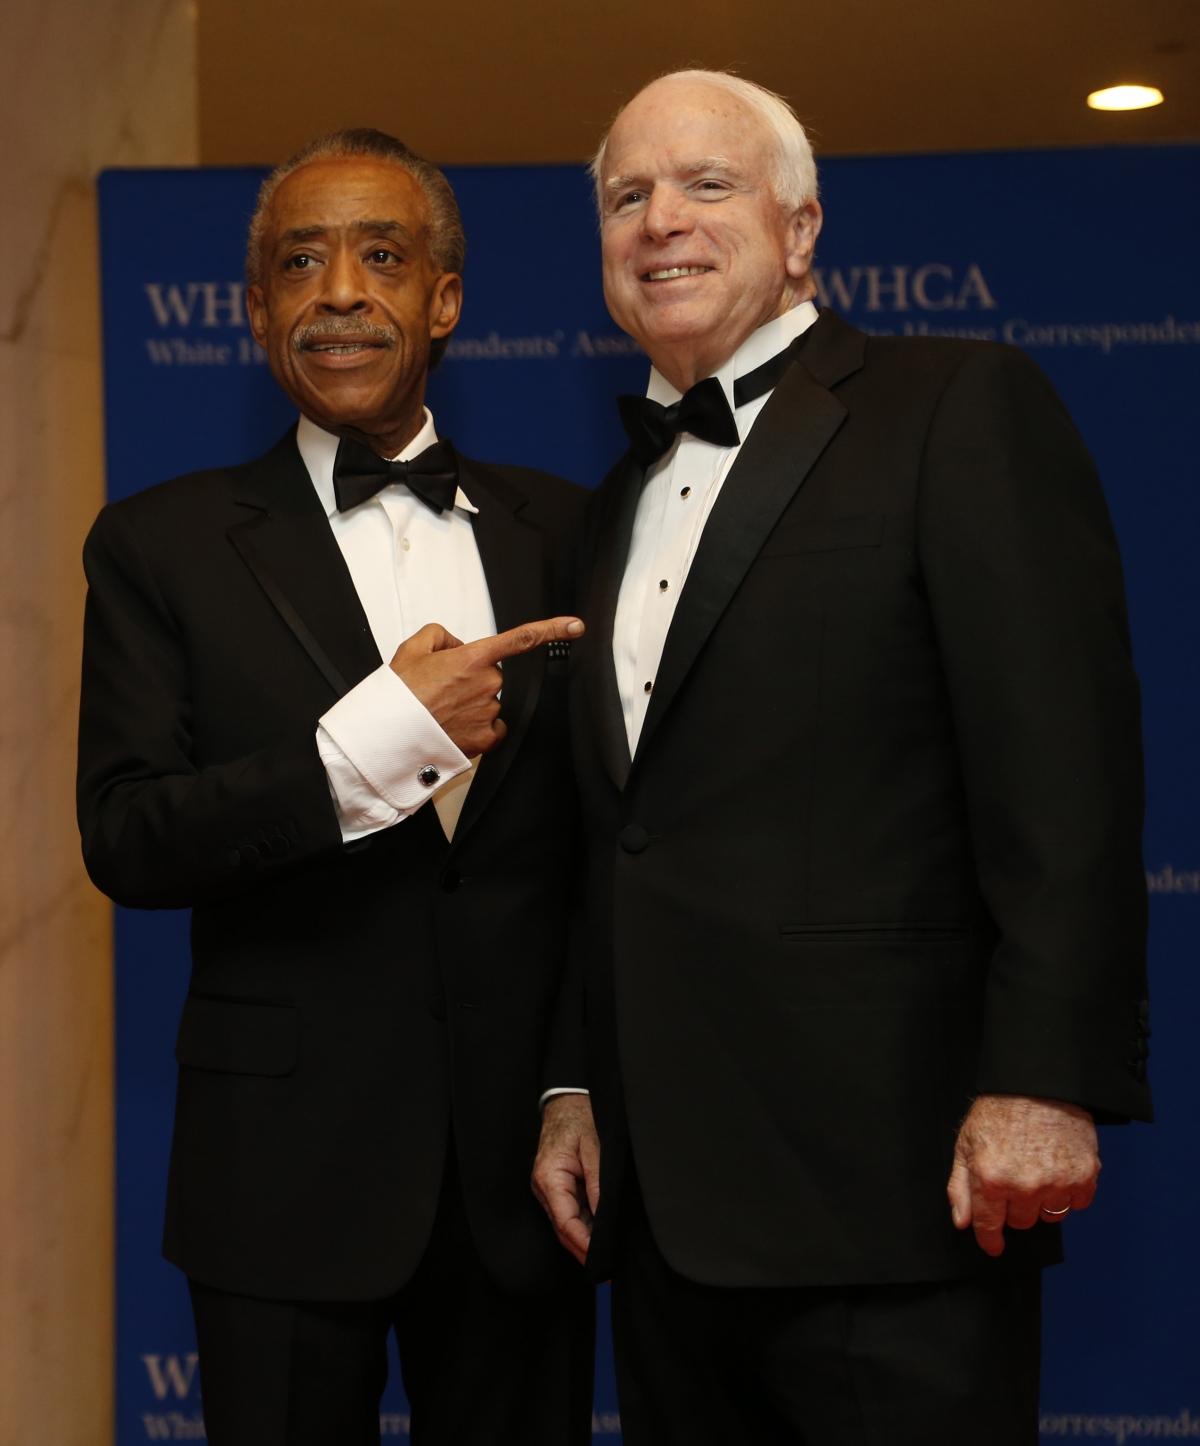 The reverend Al Sharpton and Senator John McCain